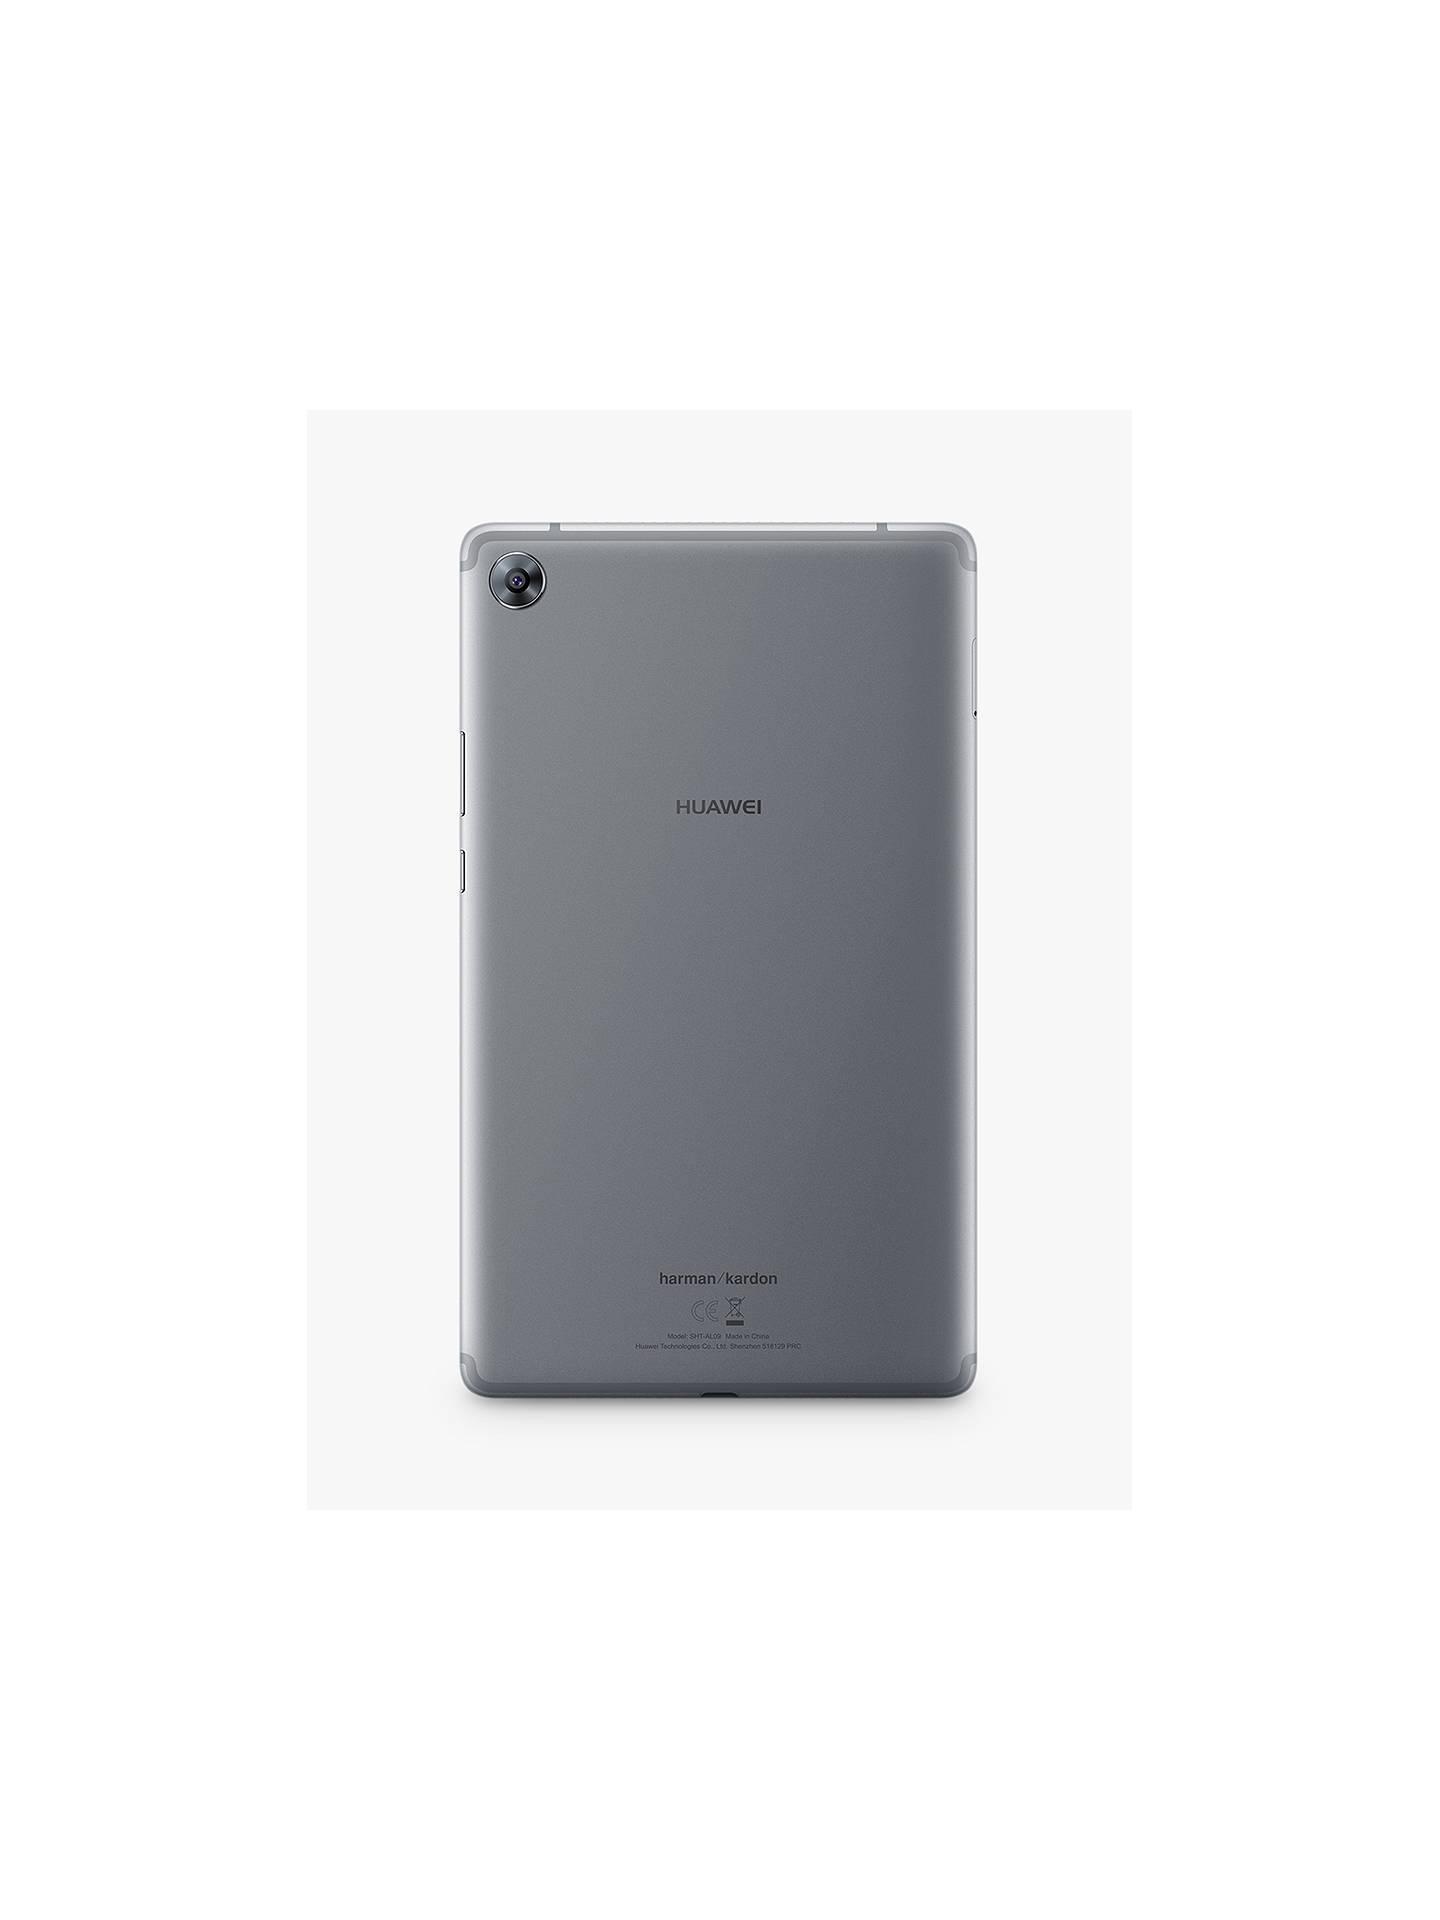 Huawei emmc